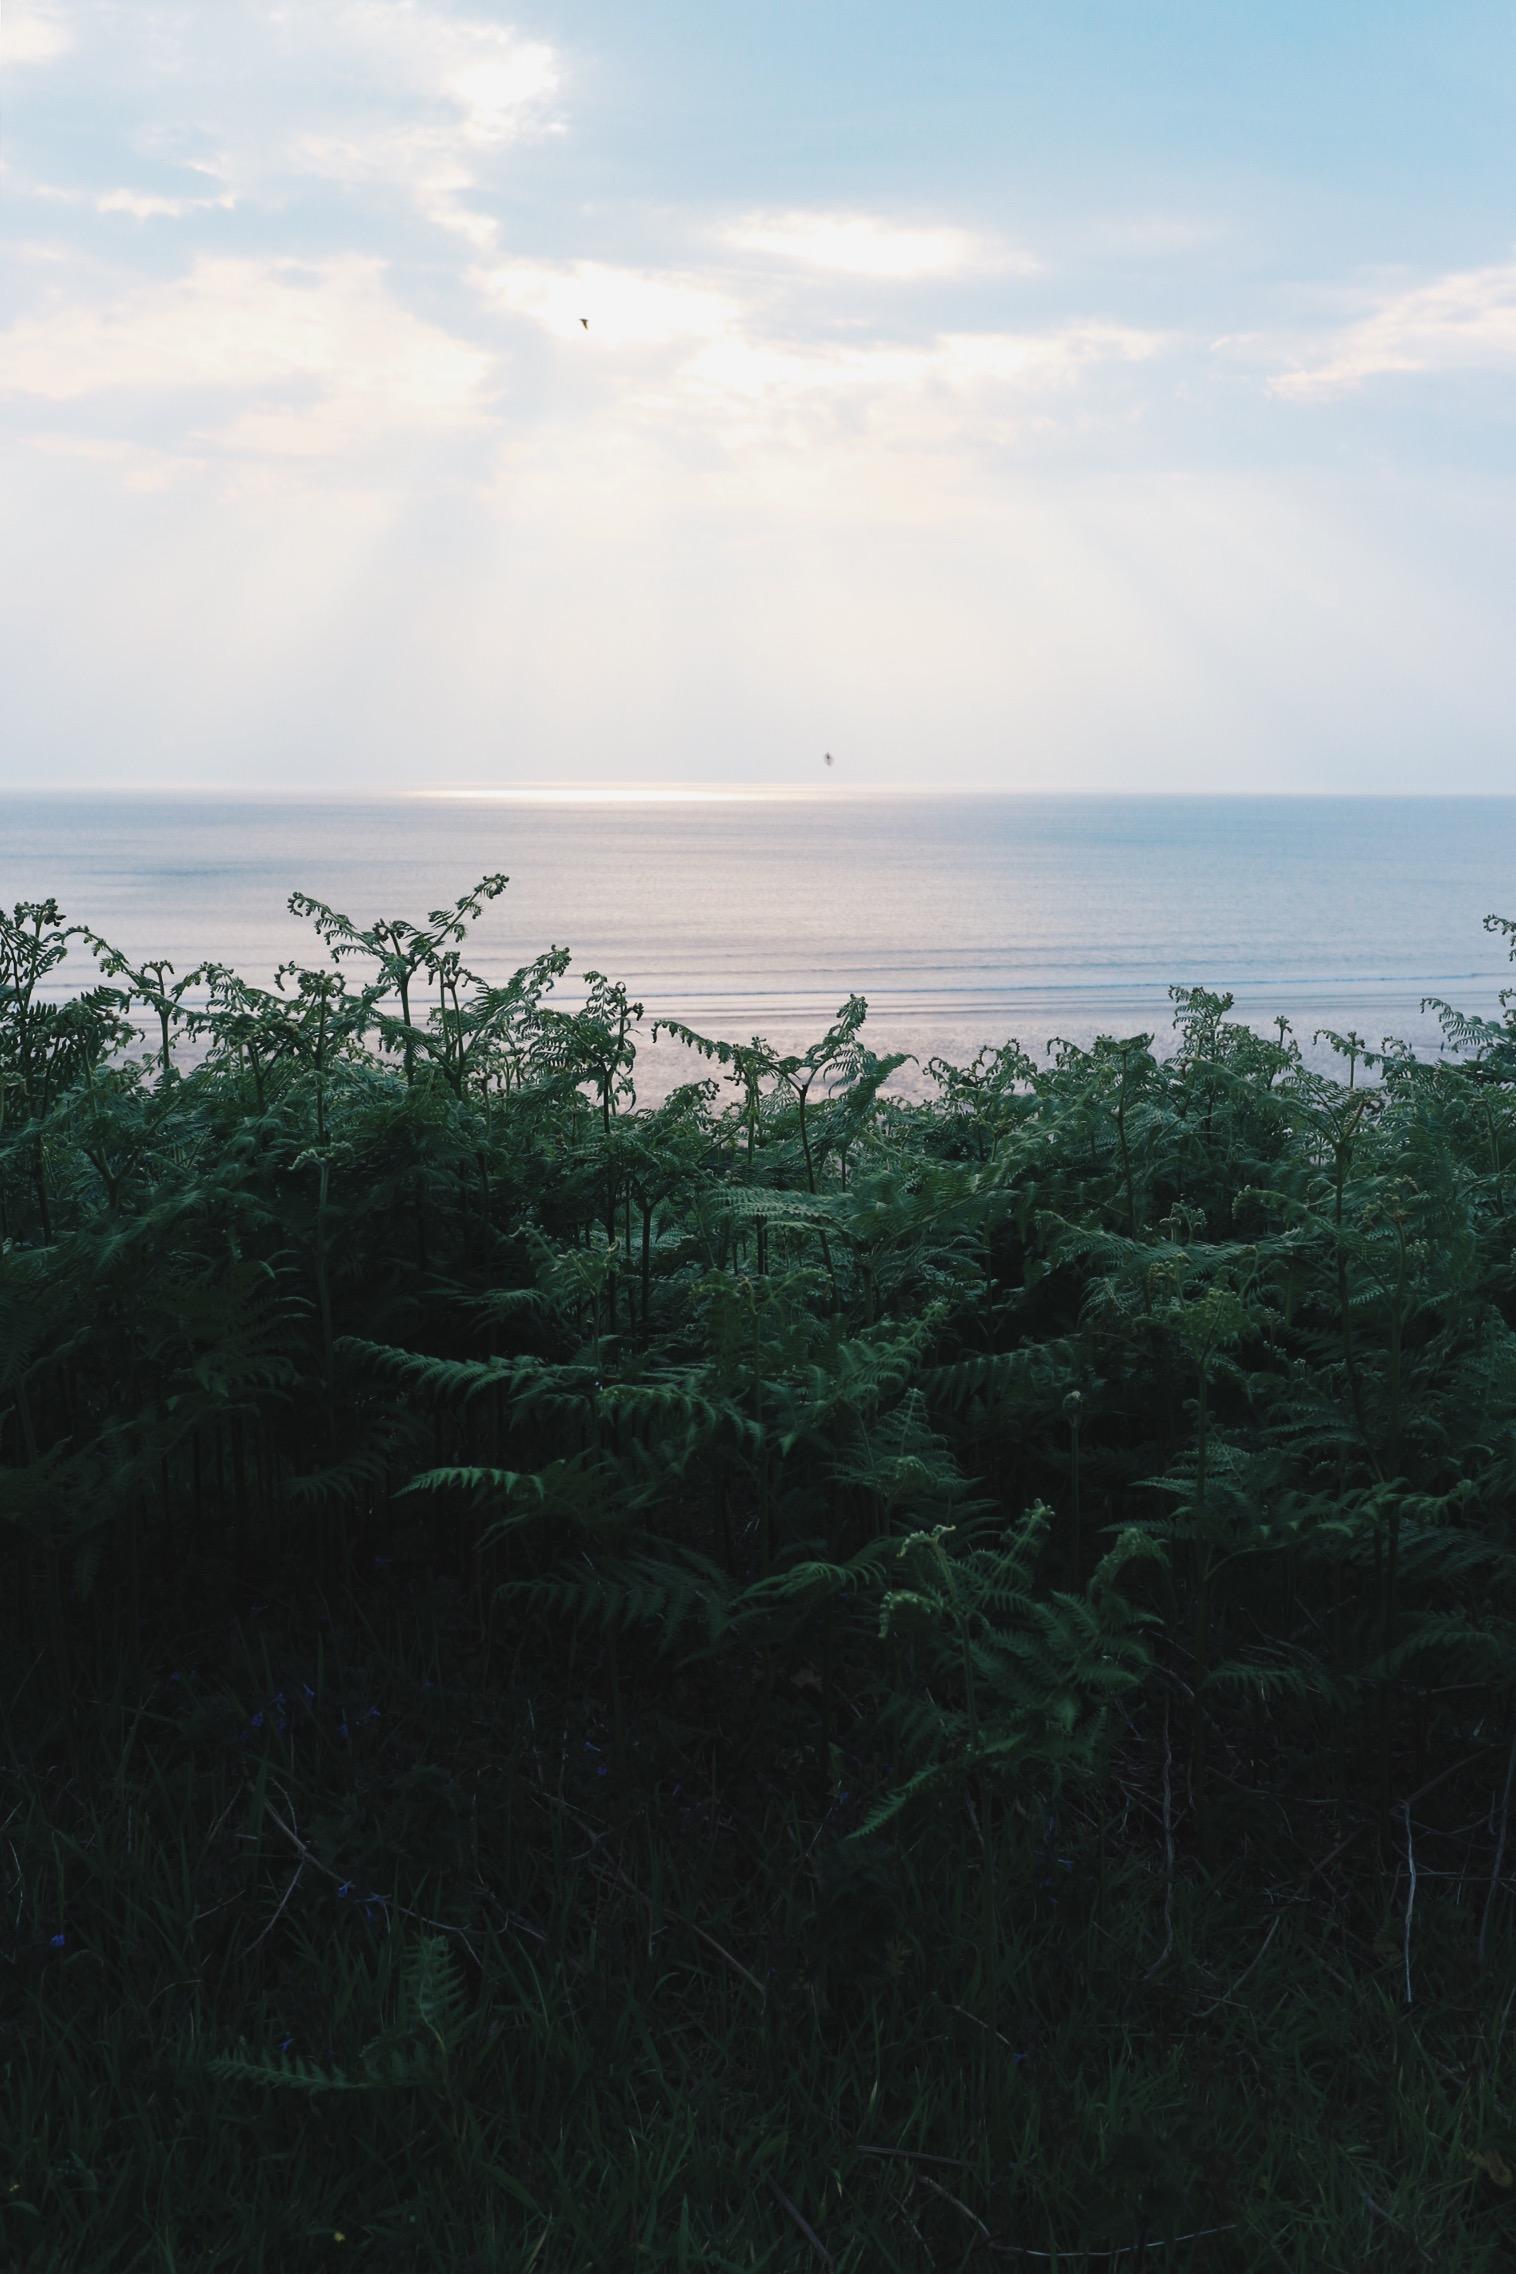 Sunset, The Gower Peninsula, Welsh beach